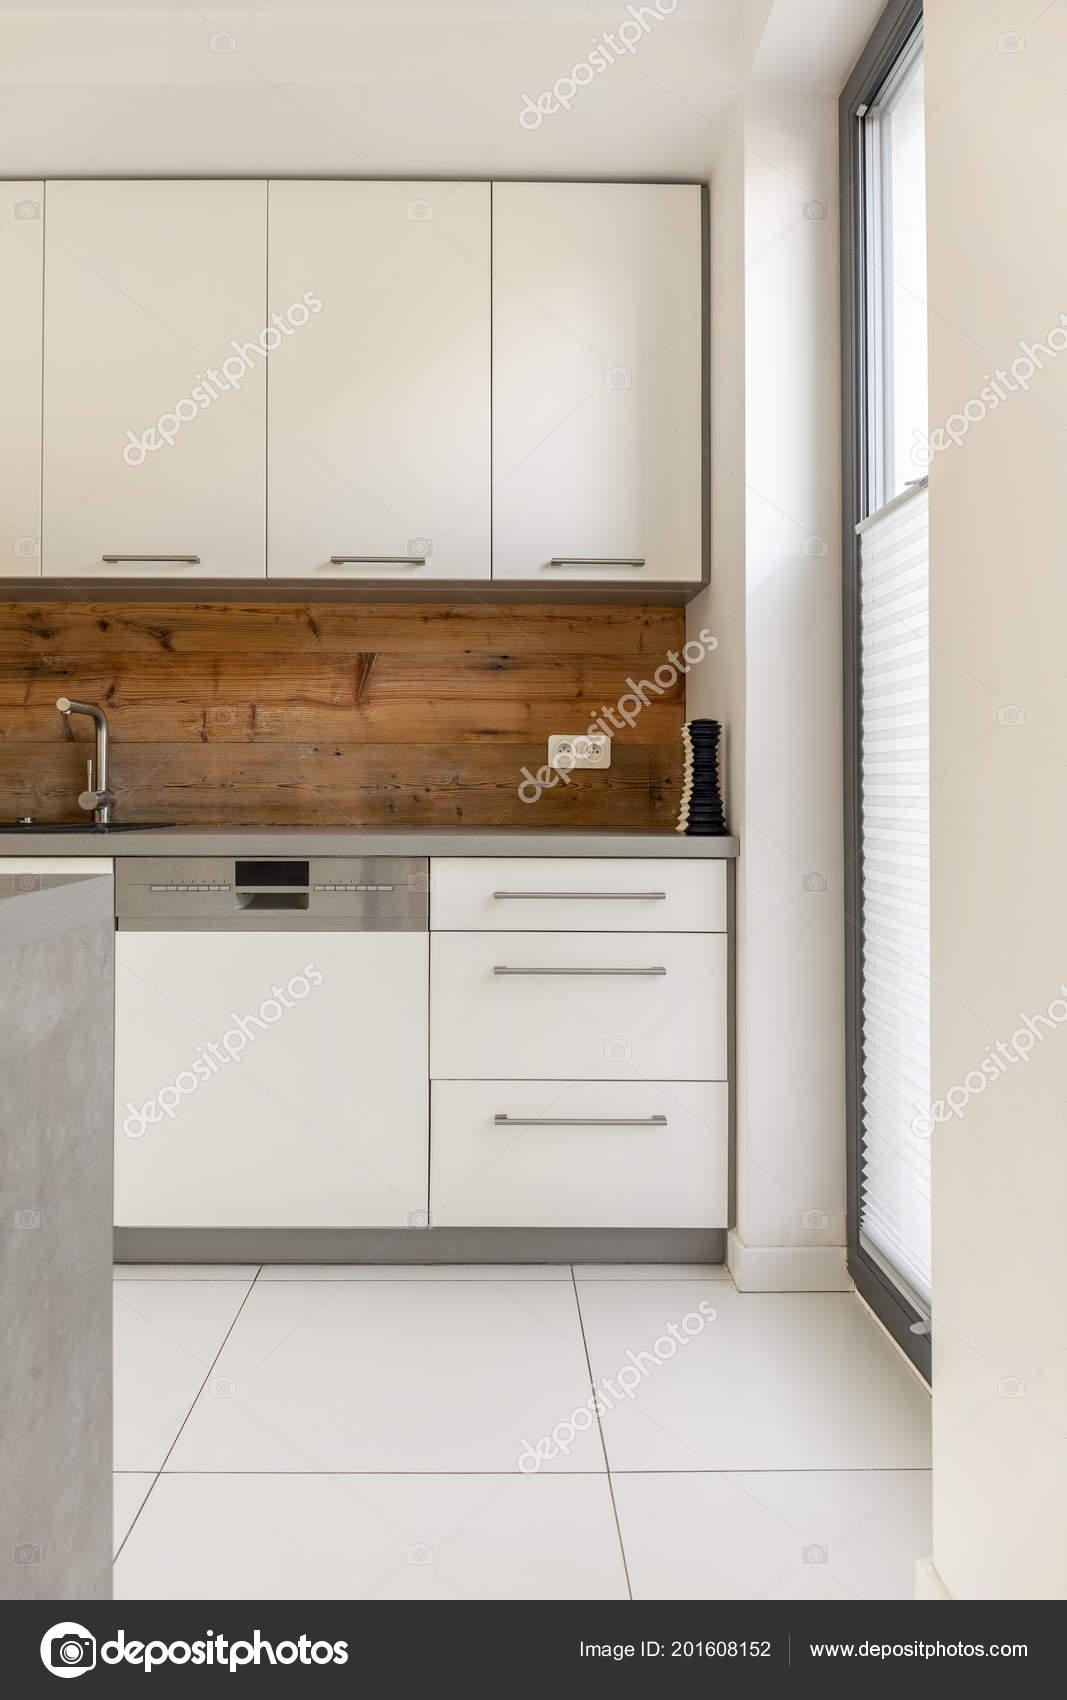 Foto Reale Interno Elegante Bianco Cucina Con Pannelli Legno Armadi ...